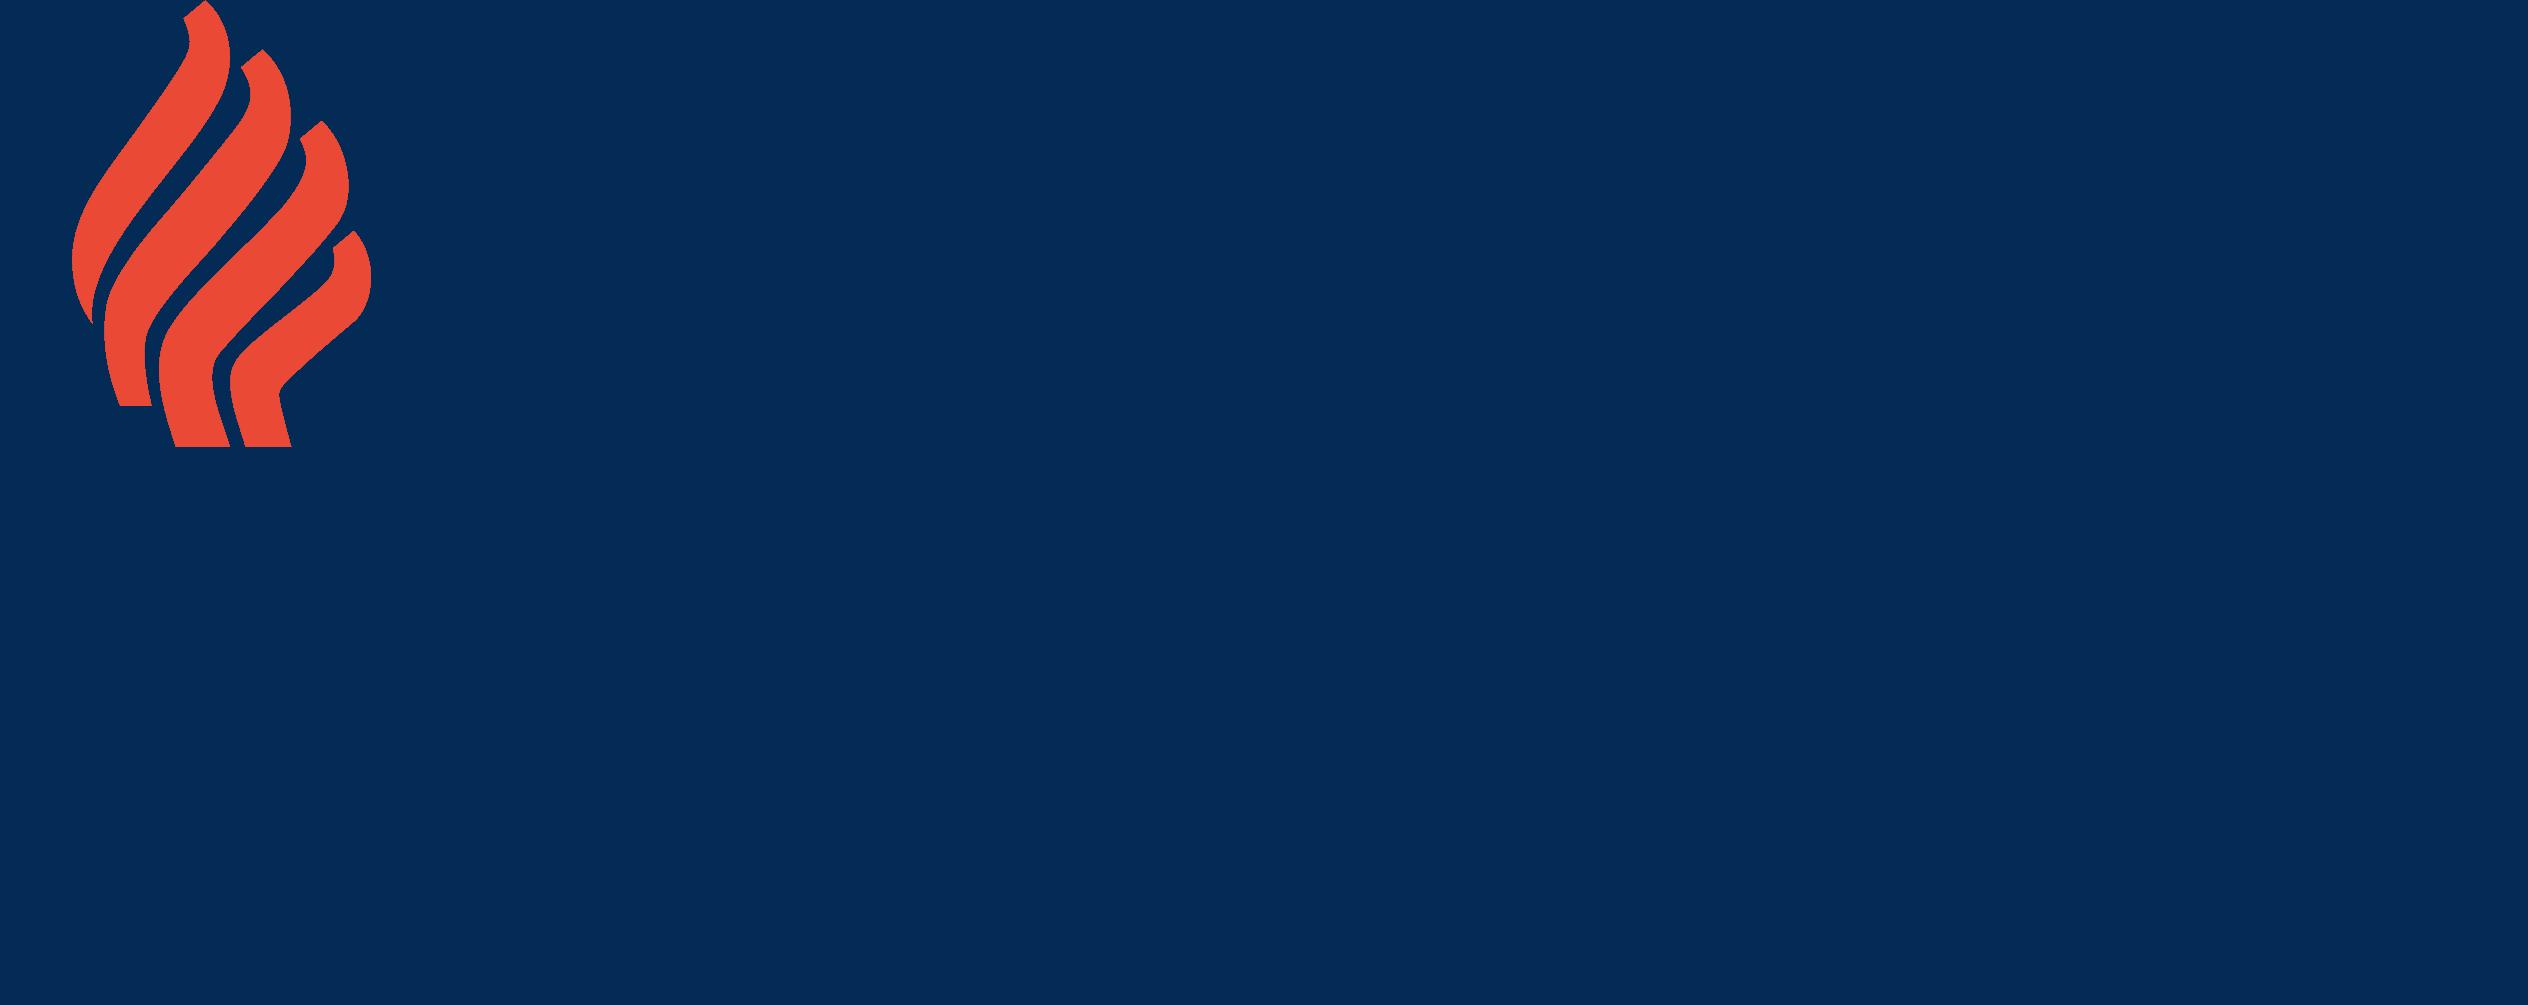 University of Jyväskylä - Executive MBA